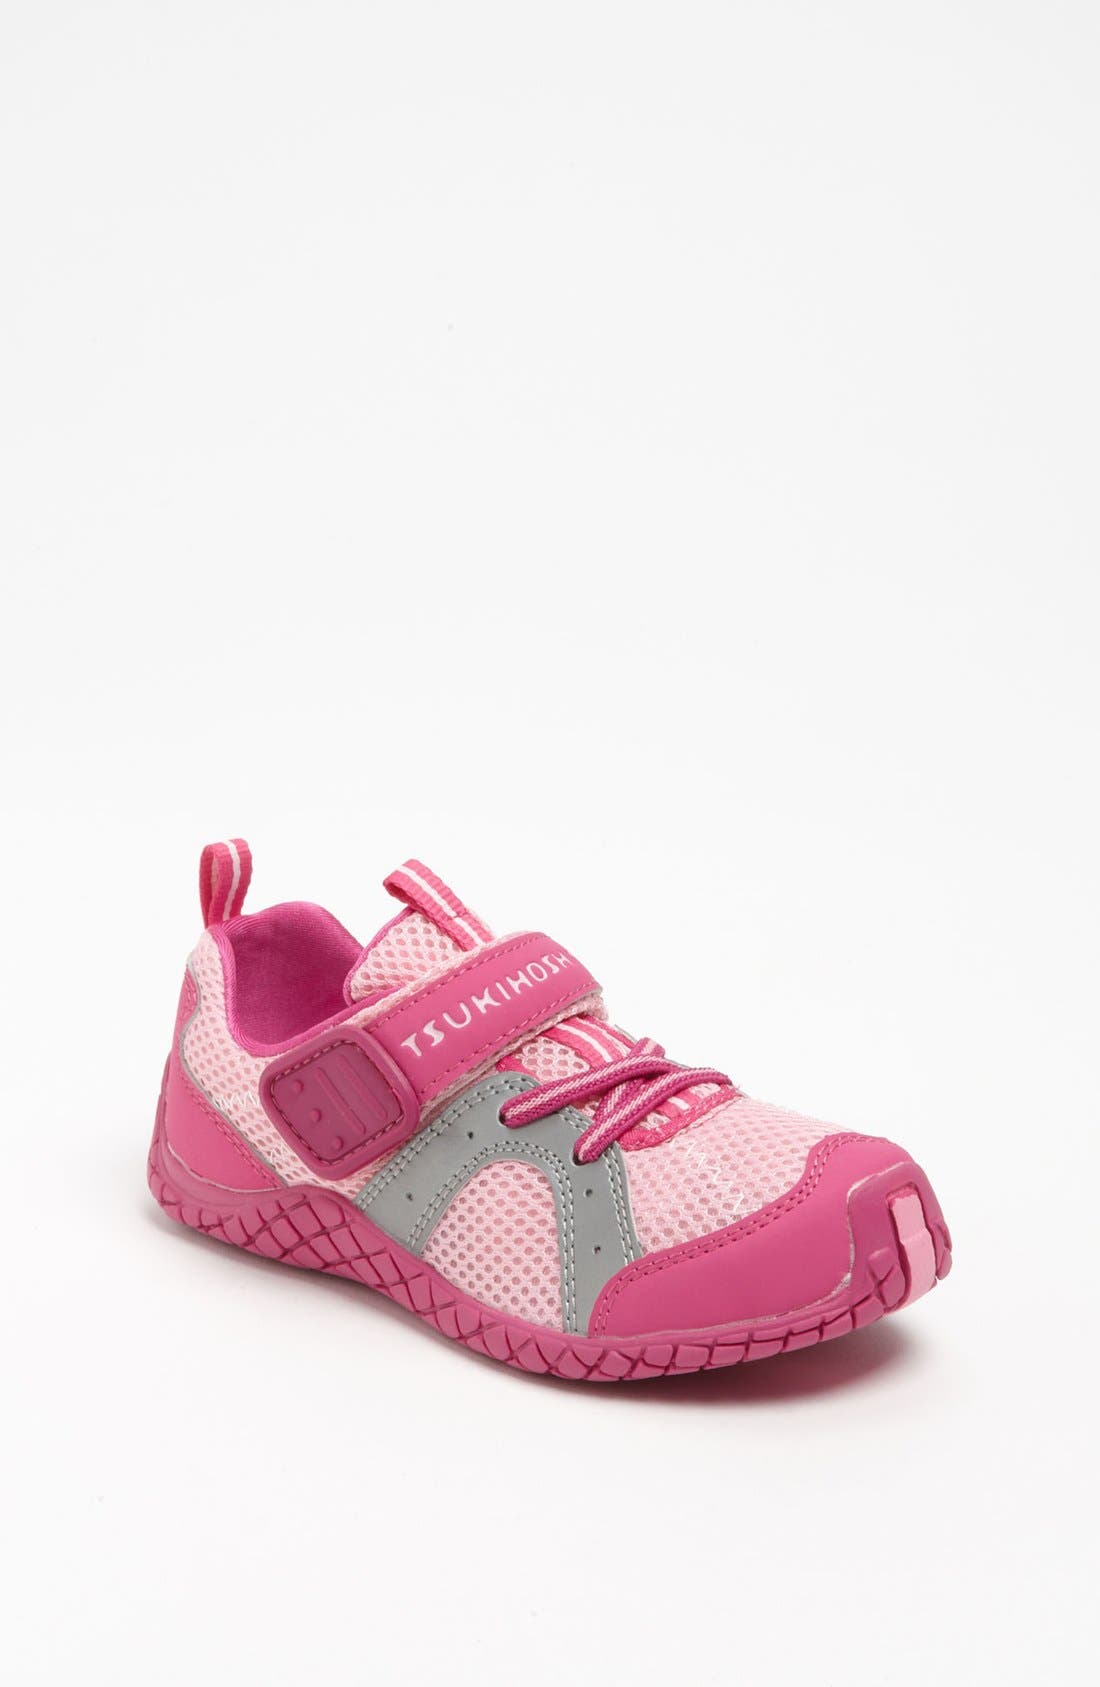 Main Image - Tsukihoshi 'Child 12' Water Sneaker (Toddler)